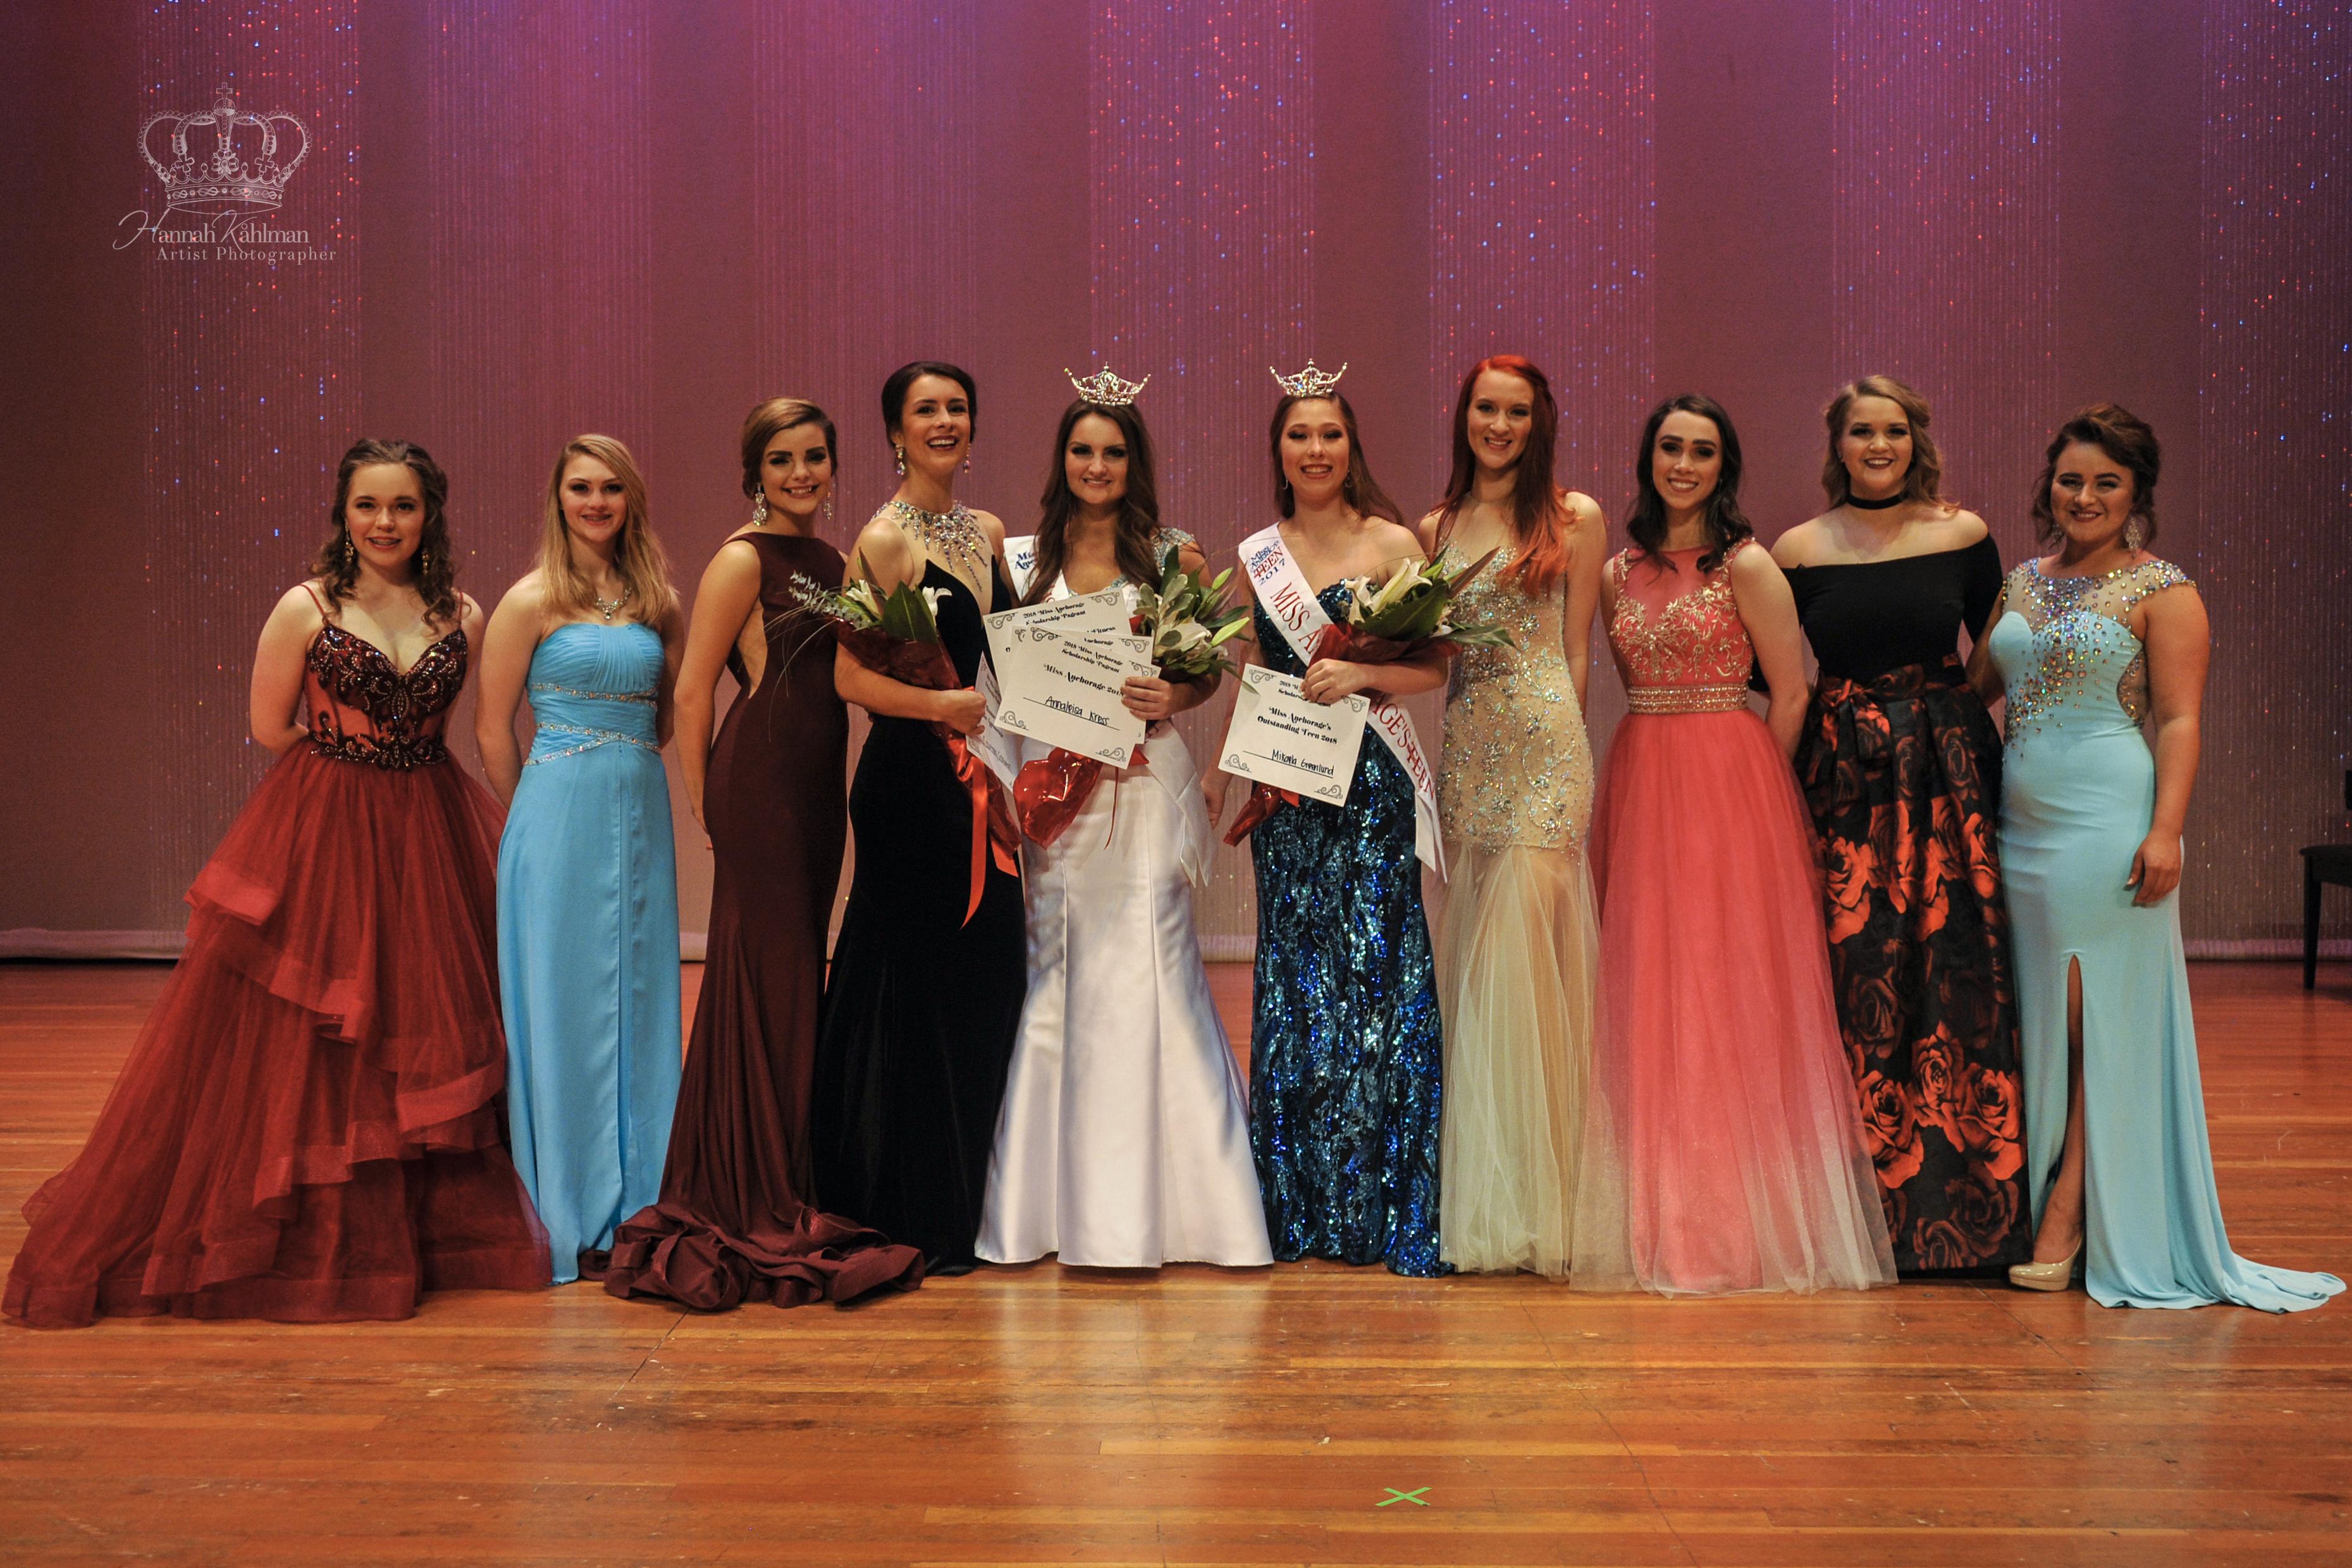 Miss Anchorage OT 2018 Pageant by Hannah Kahlman Artist Photographer wwwhannahkahlmancom (1)